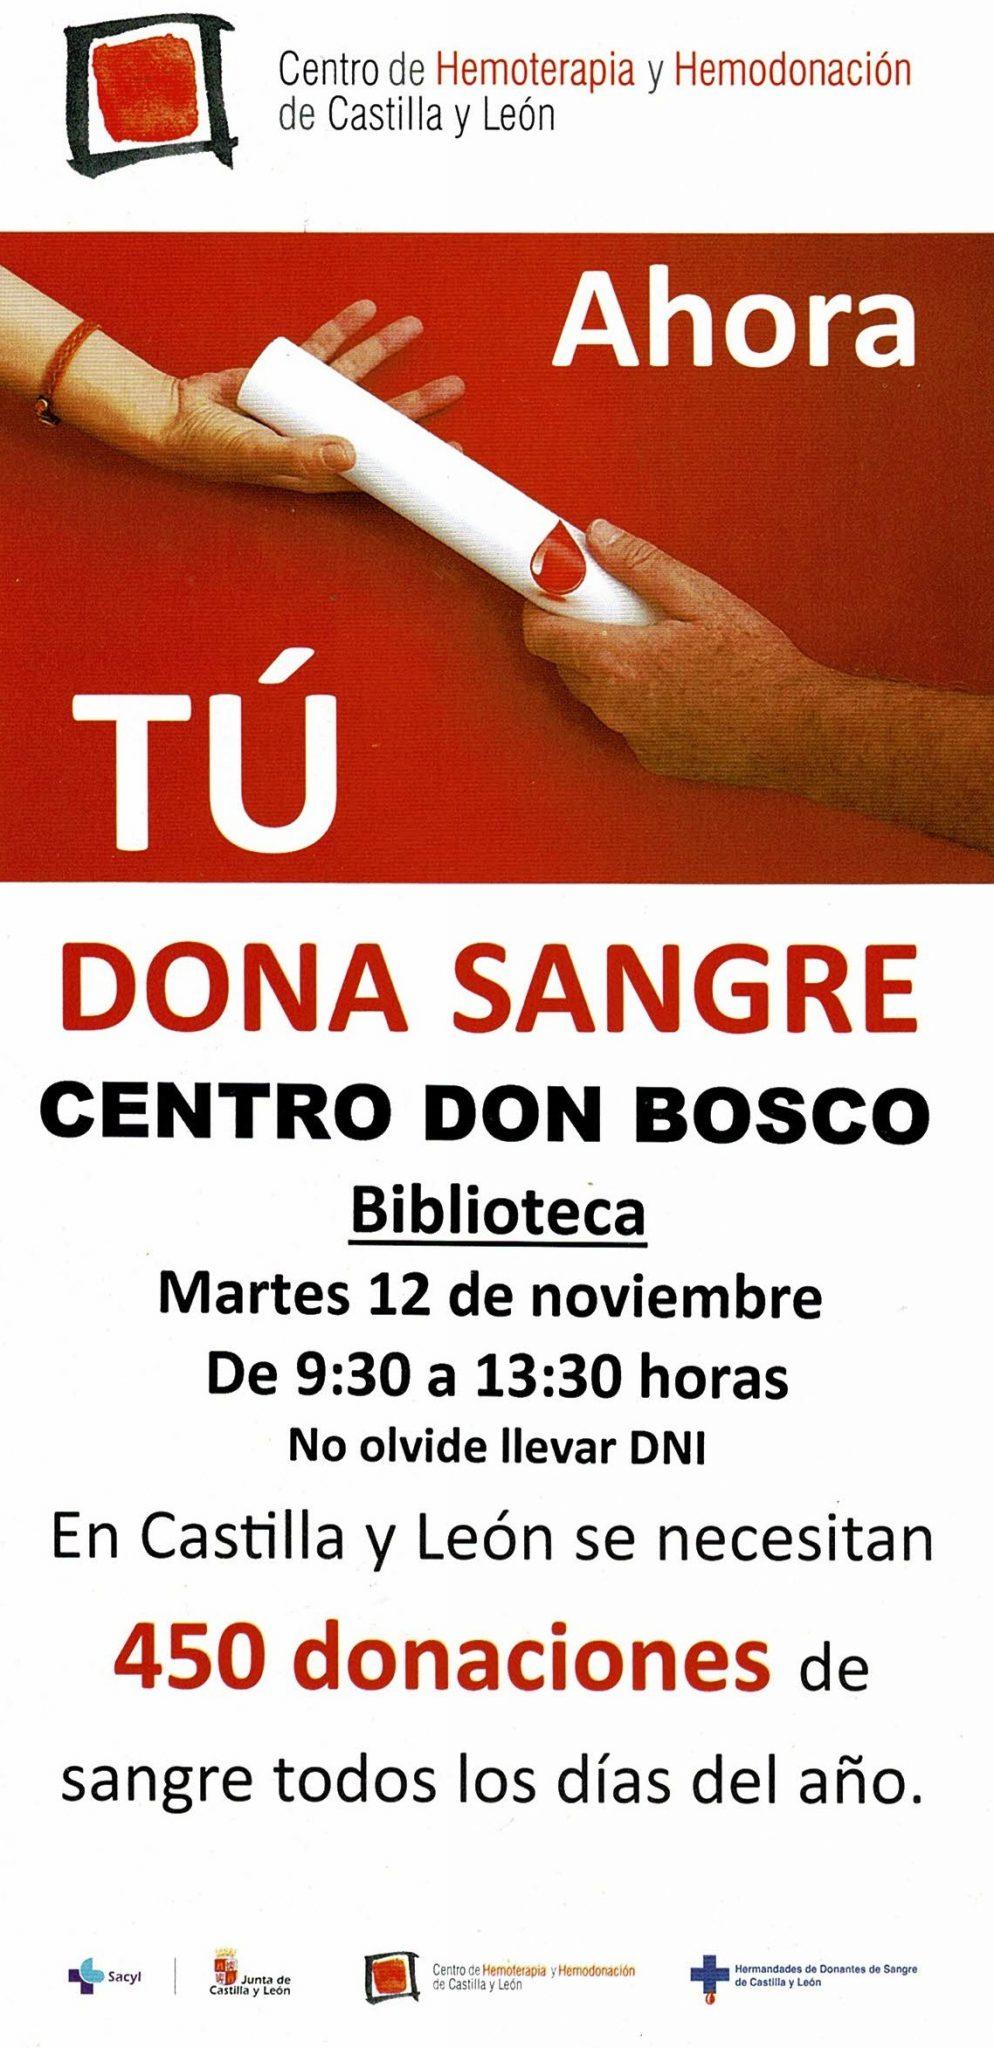 Donacion Sangre – Centro Don Bosco